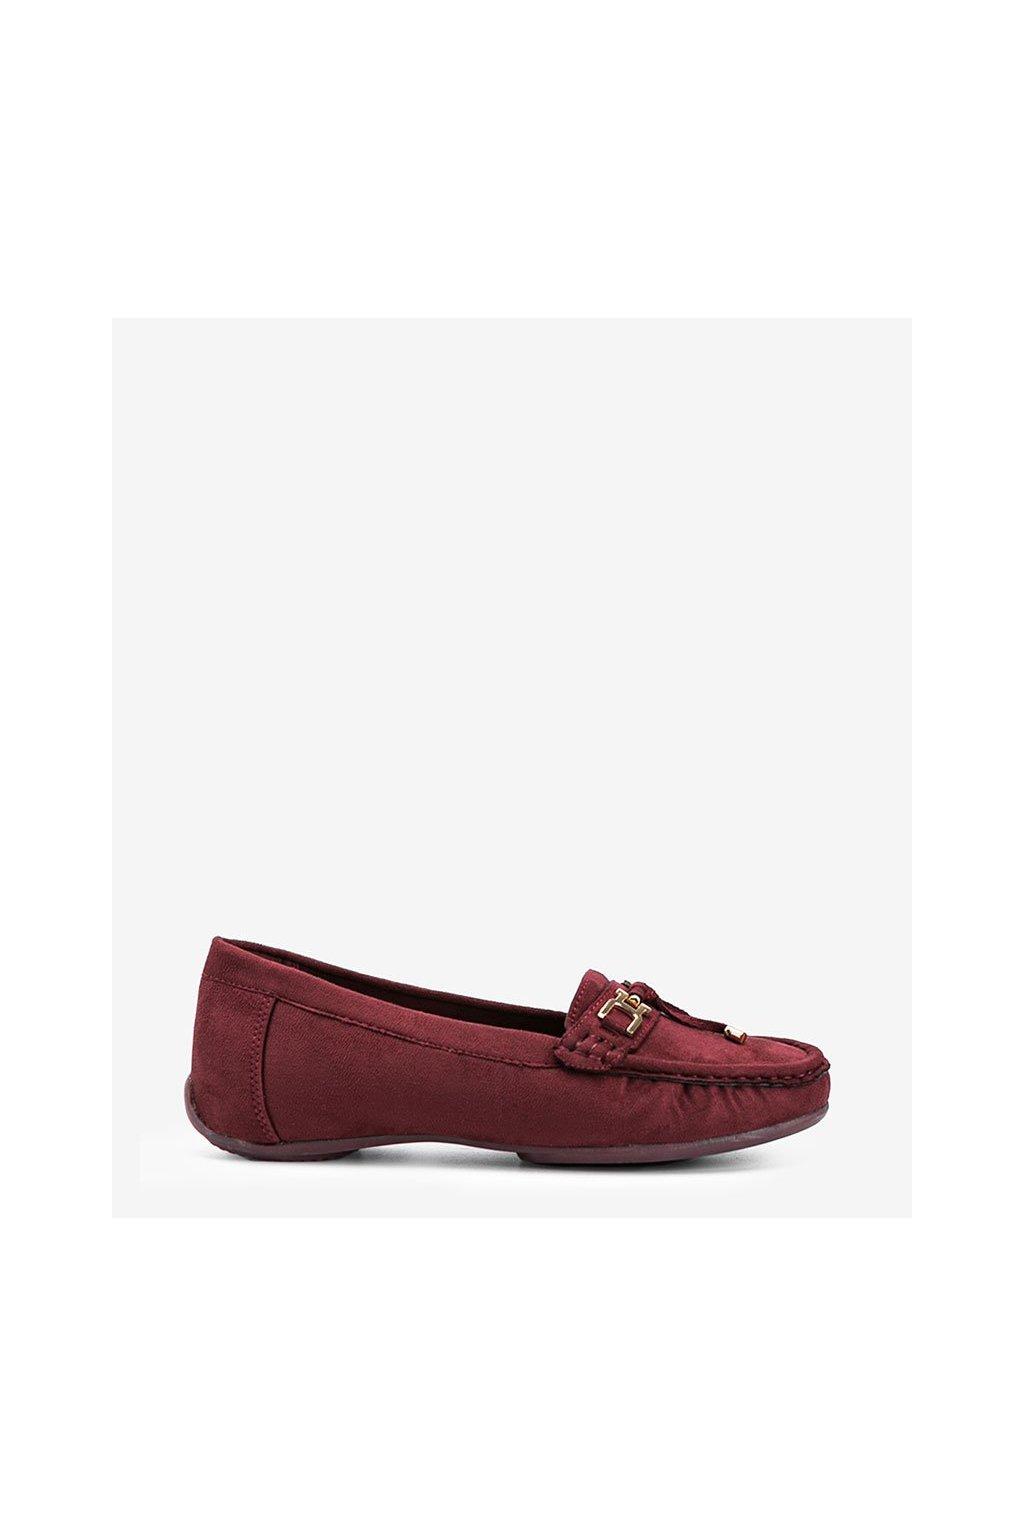 Dámske topánky mokasíny bordové kód H9228 - GM